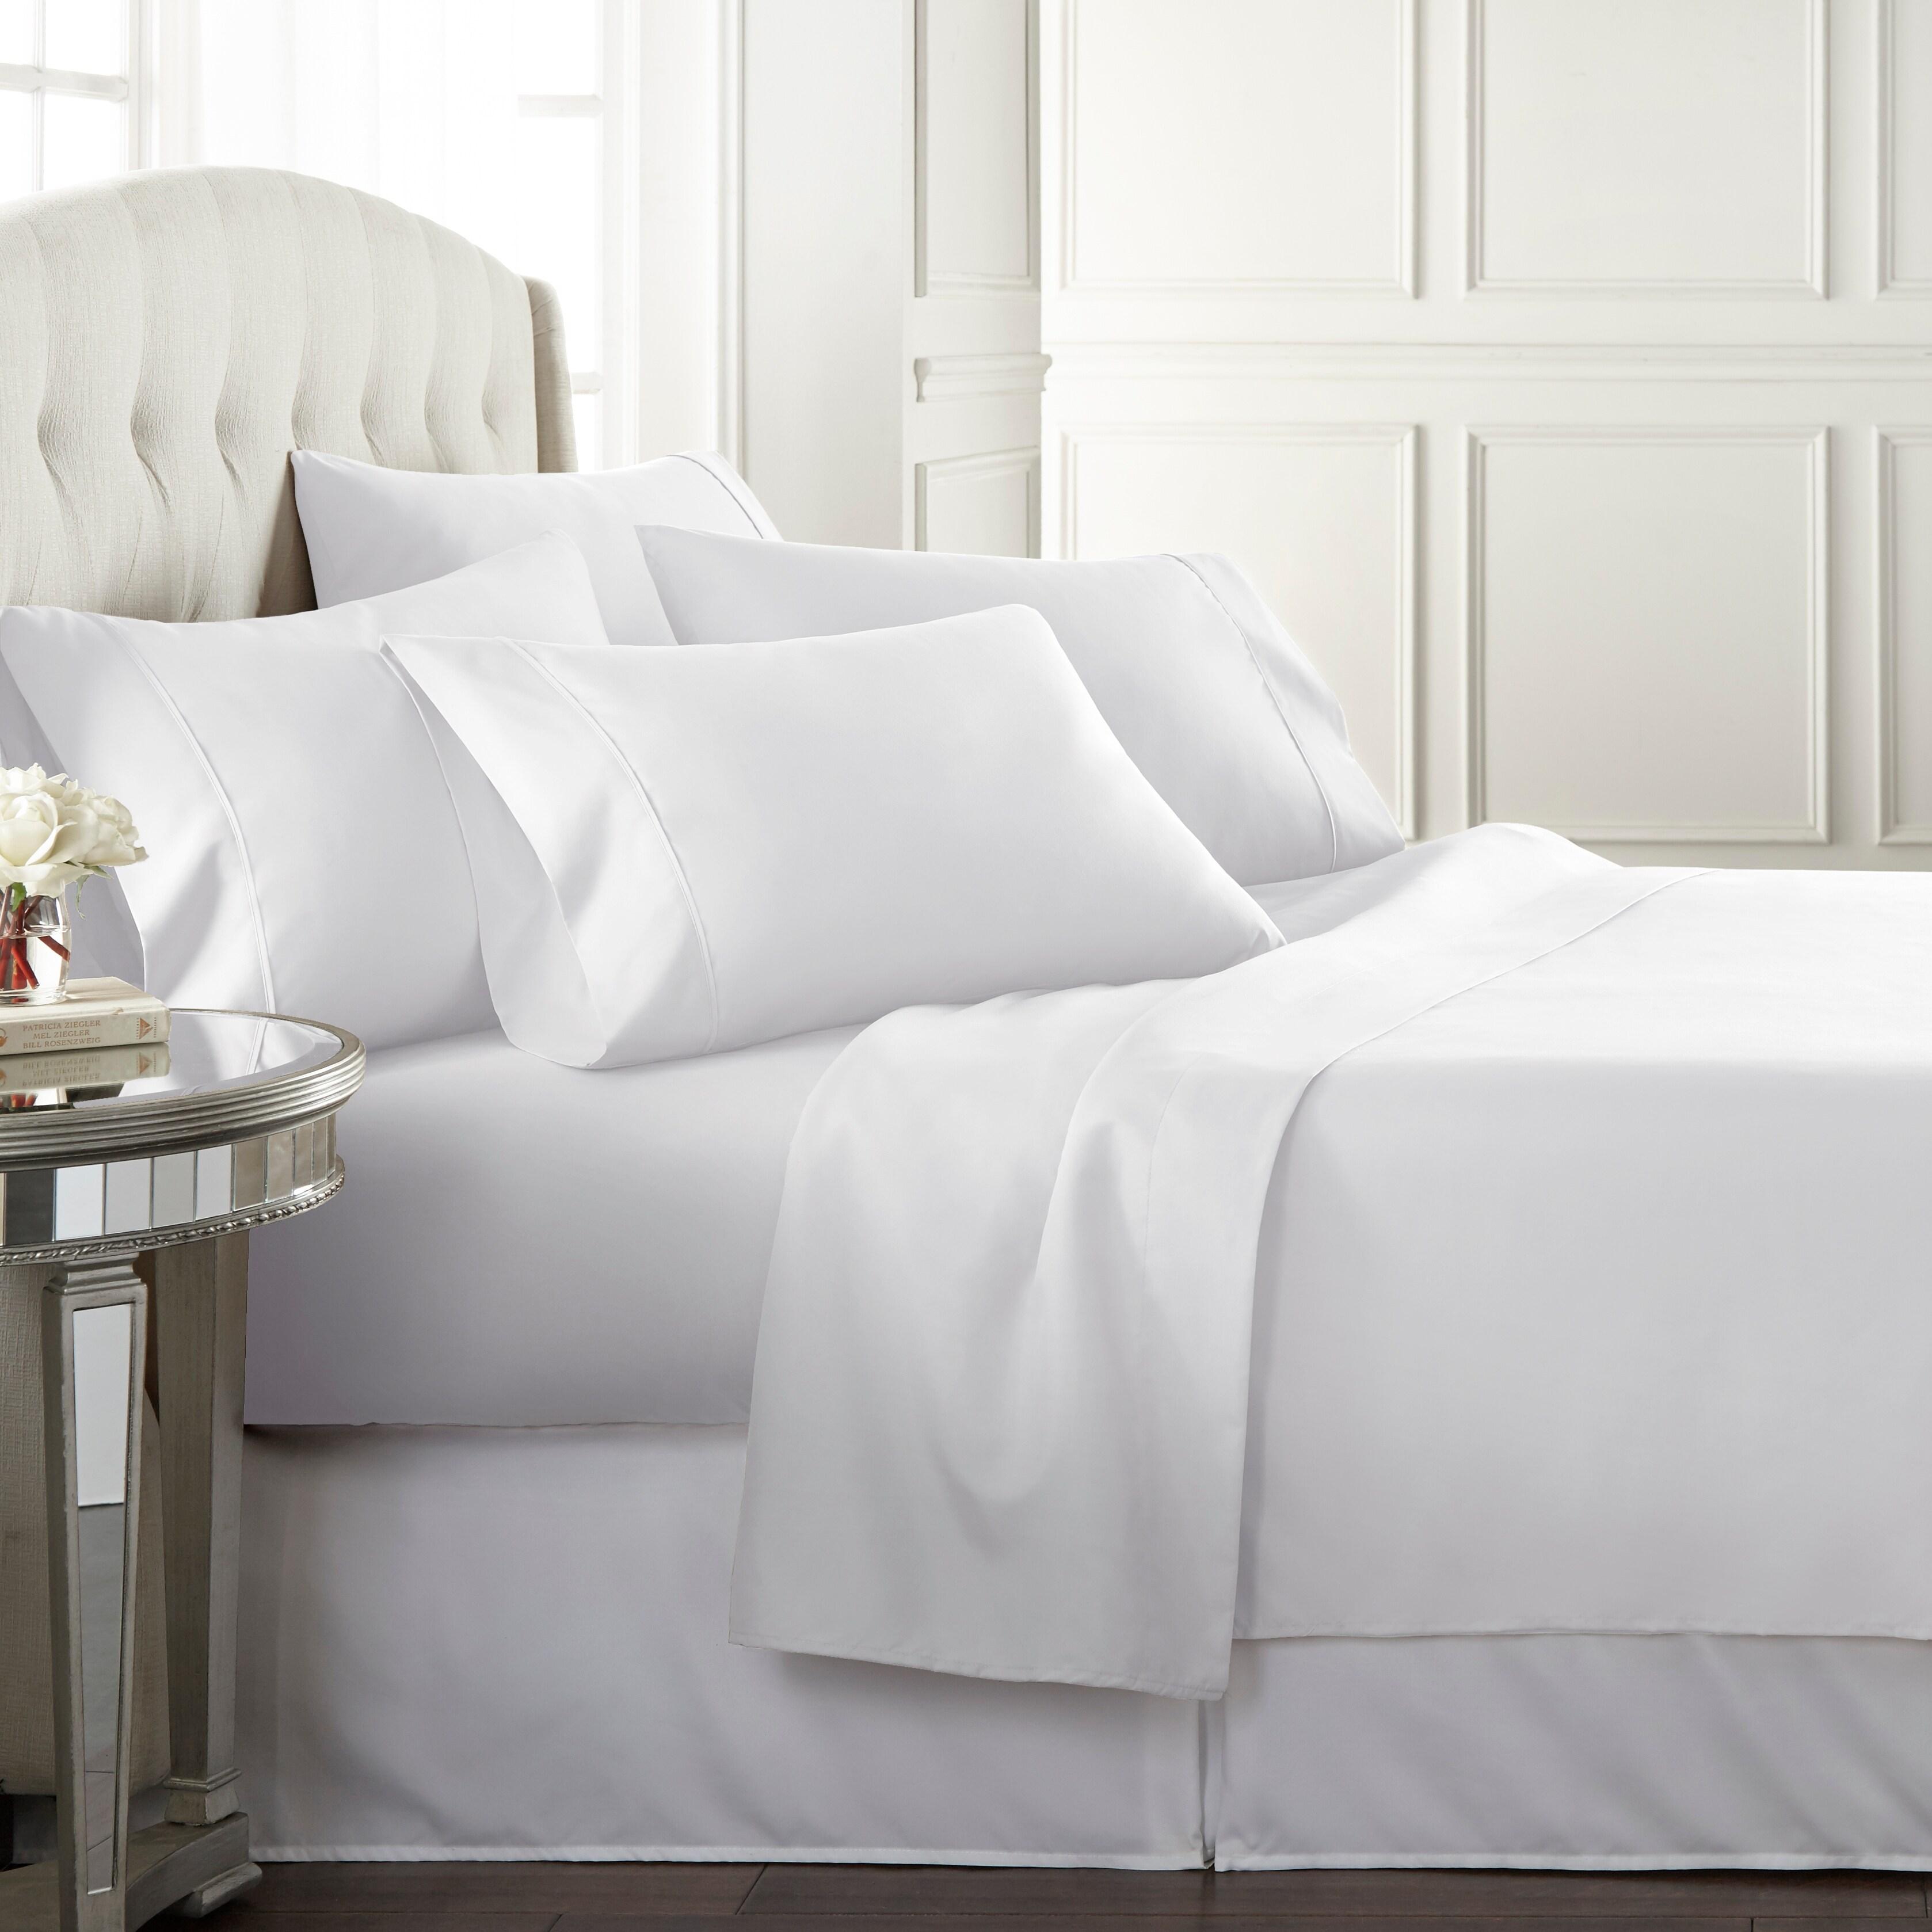 Danjor Linens Luxury Ultra Soft 1800 Series 6 Piece Bed Sheet Set Deep Pocket